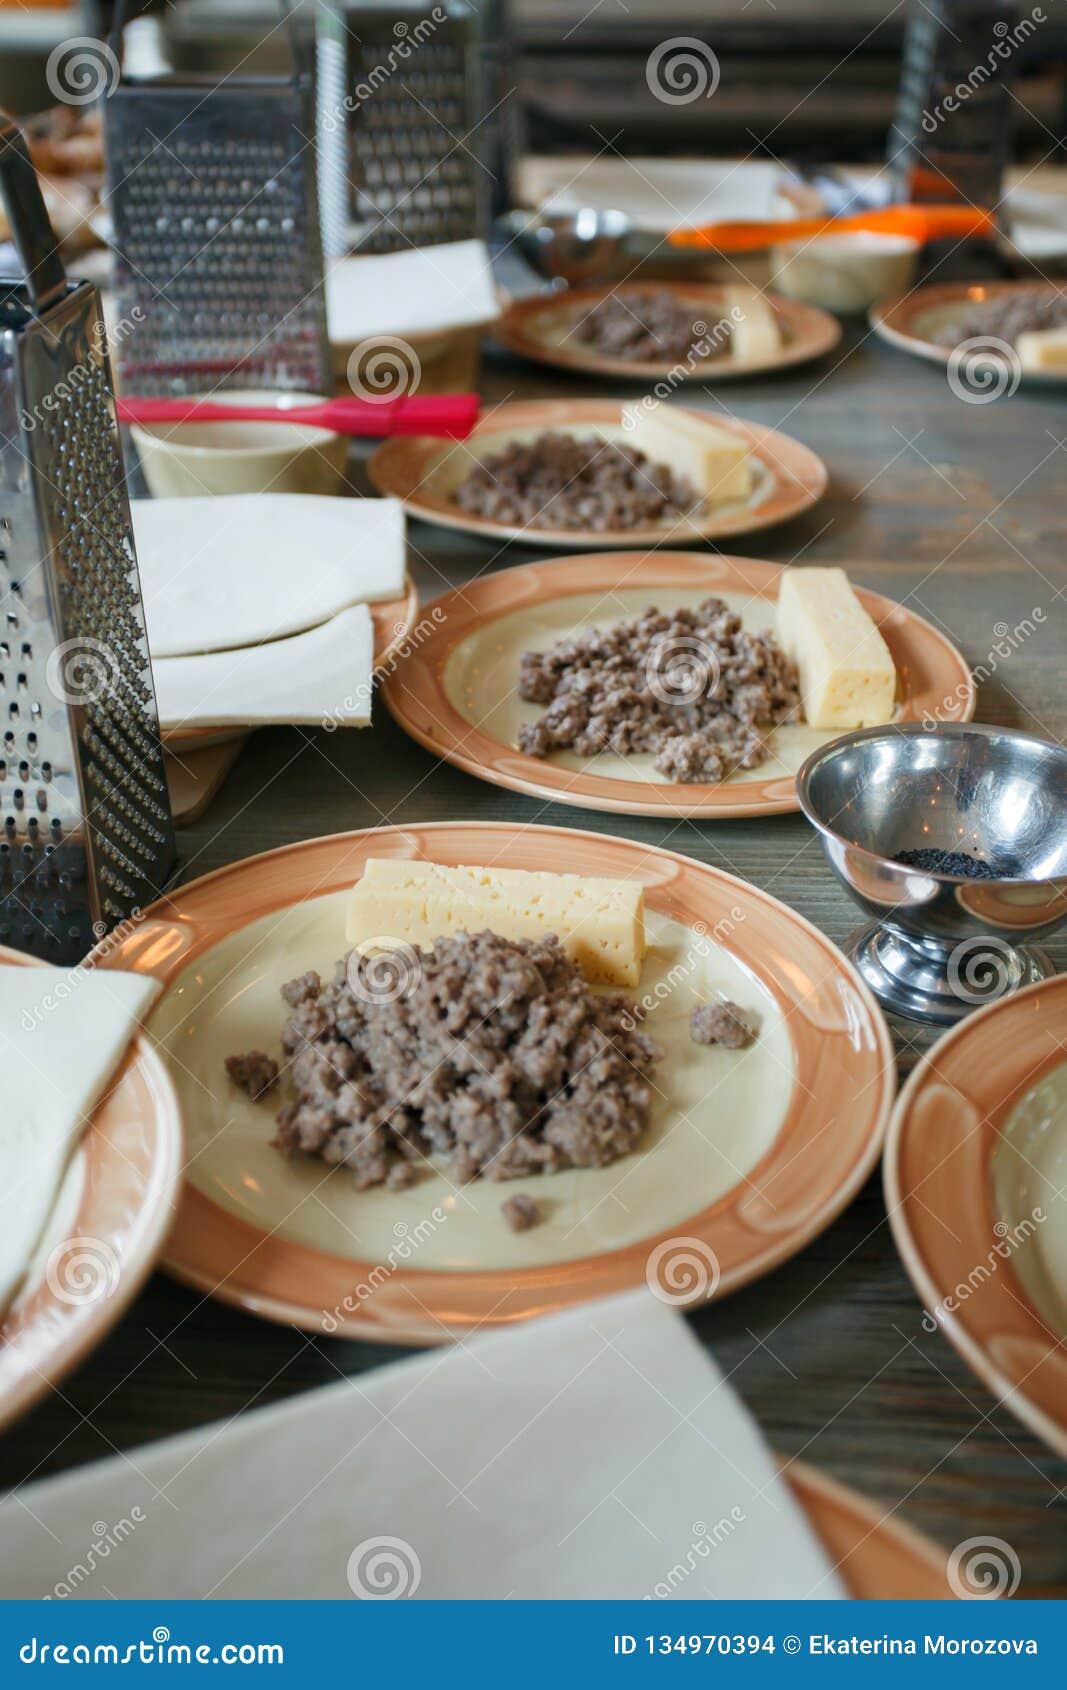 Pasta, carne tajada frita y utensilios para las clases de cocina en la tabla de madera, concepto de clase de cocina